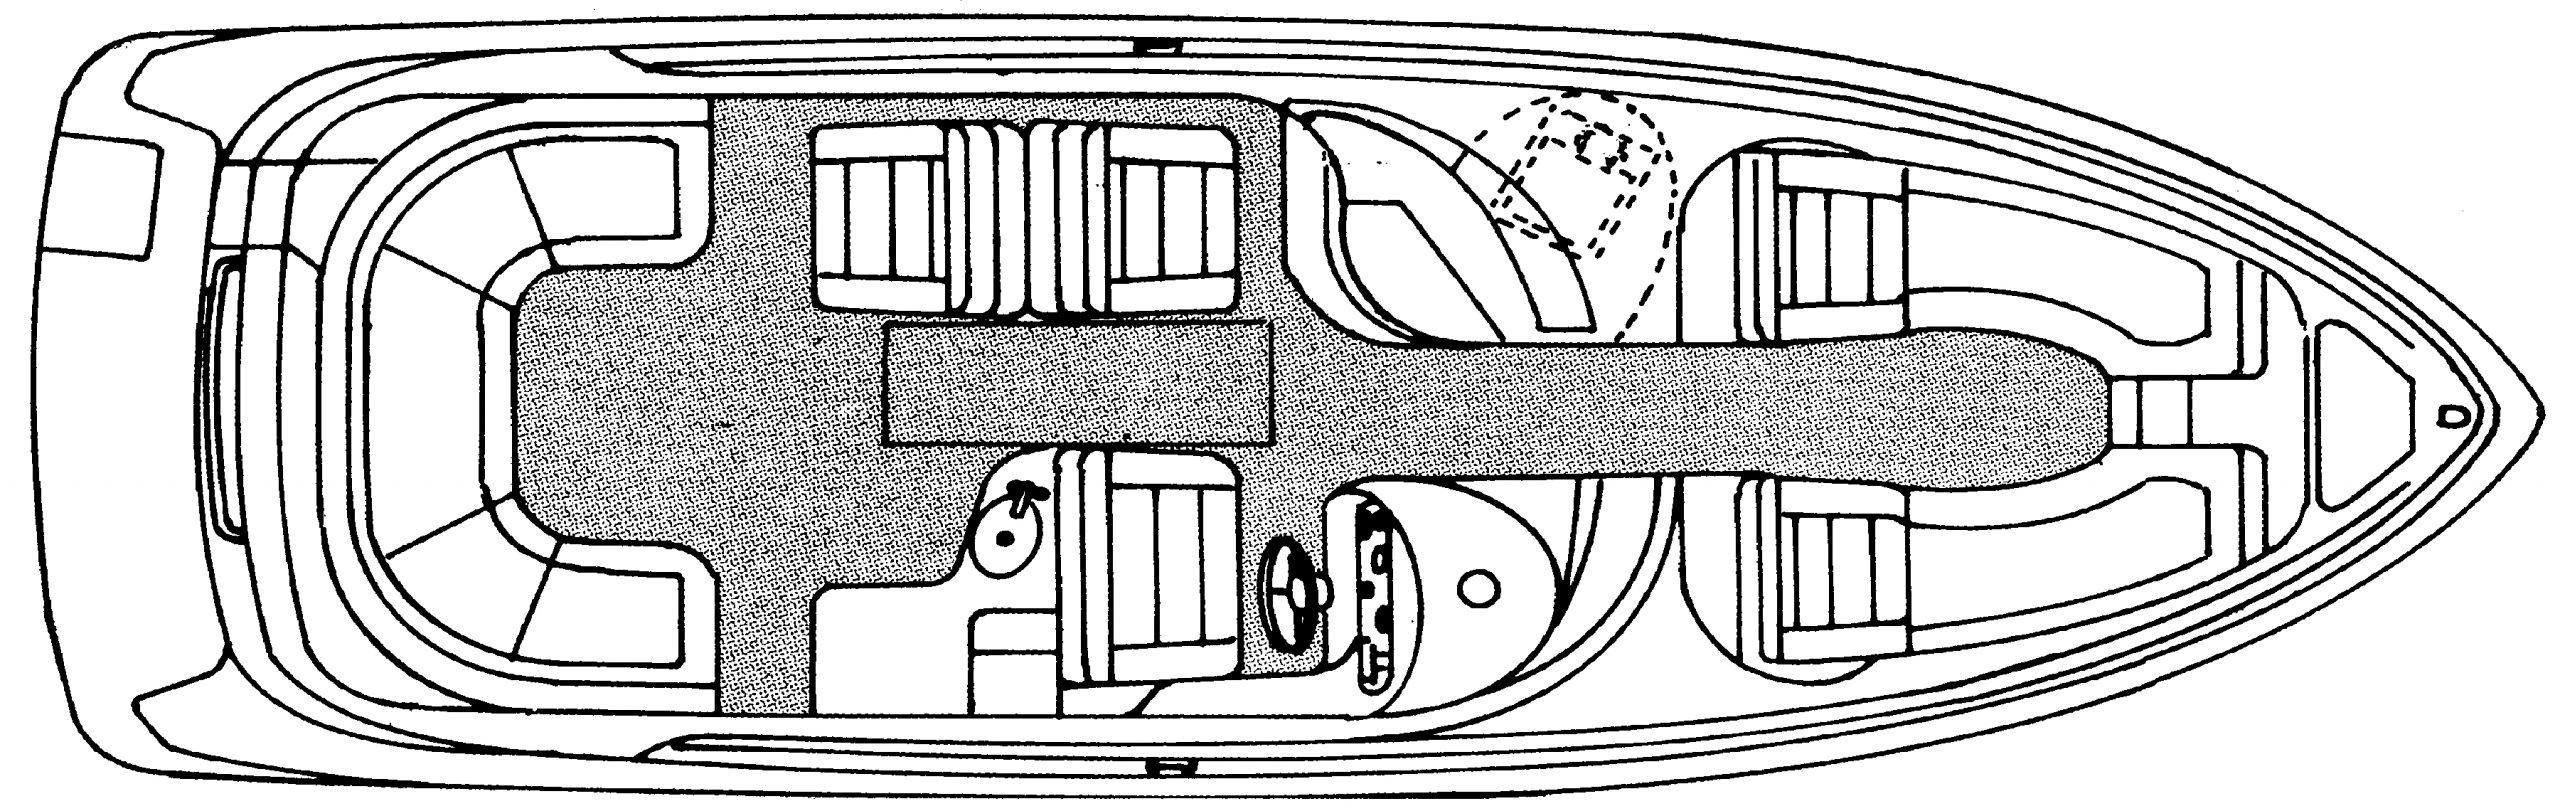 280 Bowrider Floor Plan 1